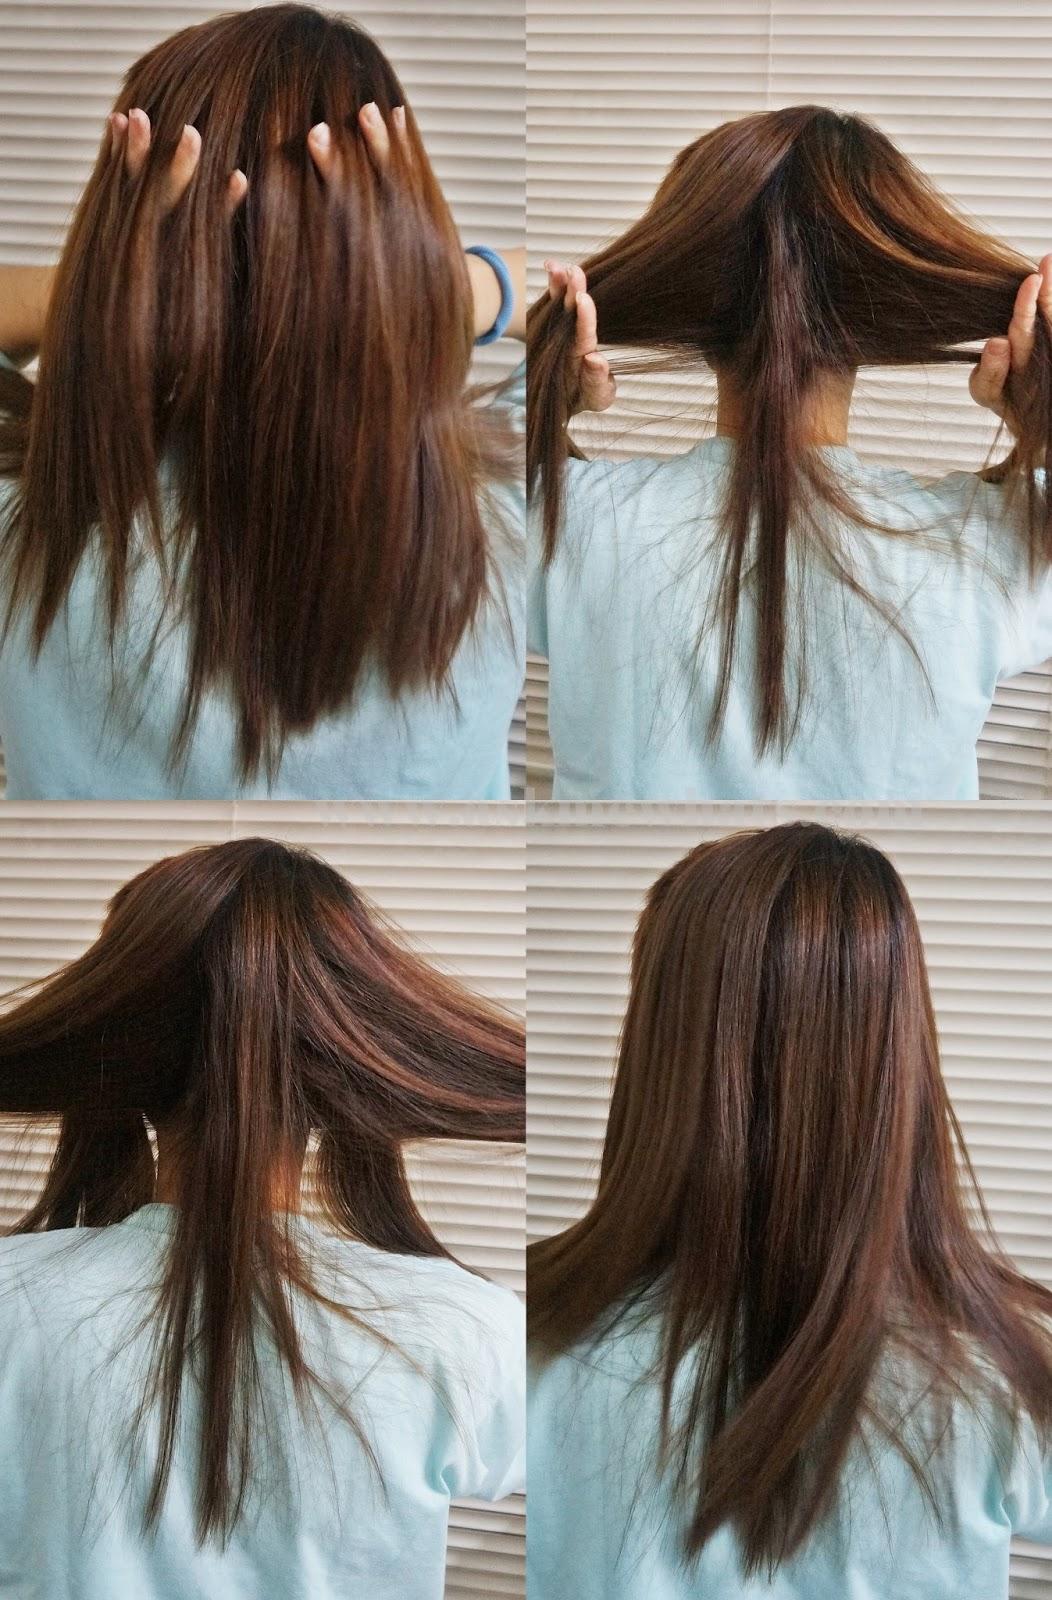 askmewhats - Matrix Hair Color Reviews